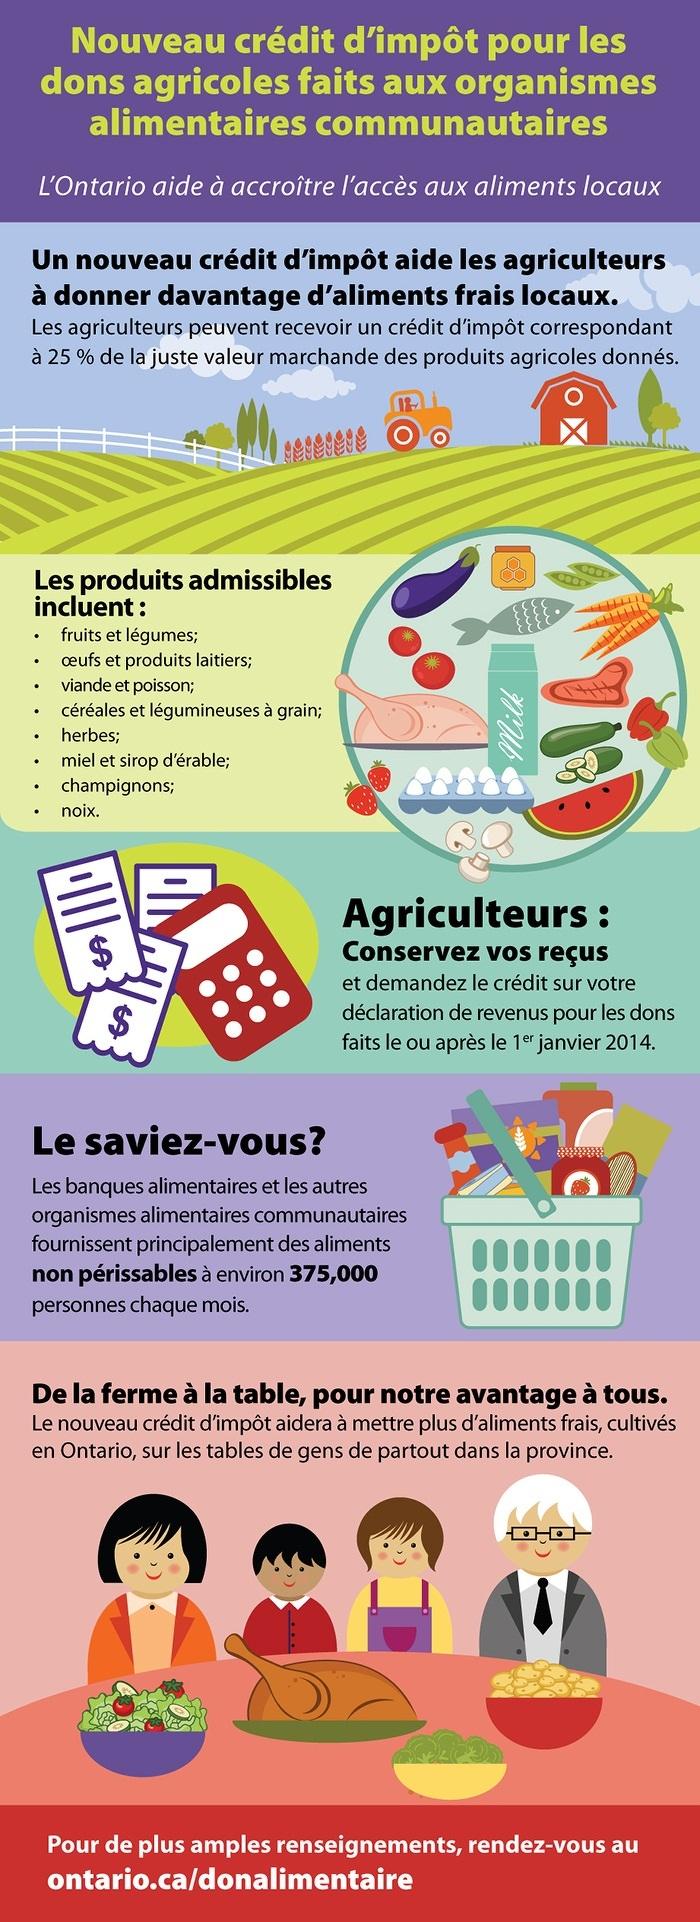 Un nouveau crédit d'impôt au profit des agriculteurs et des collectivités